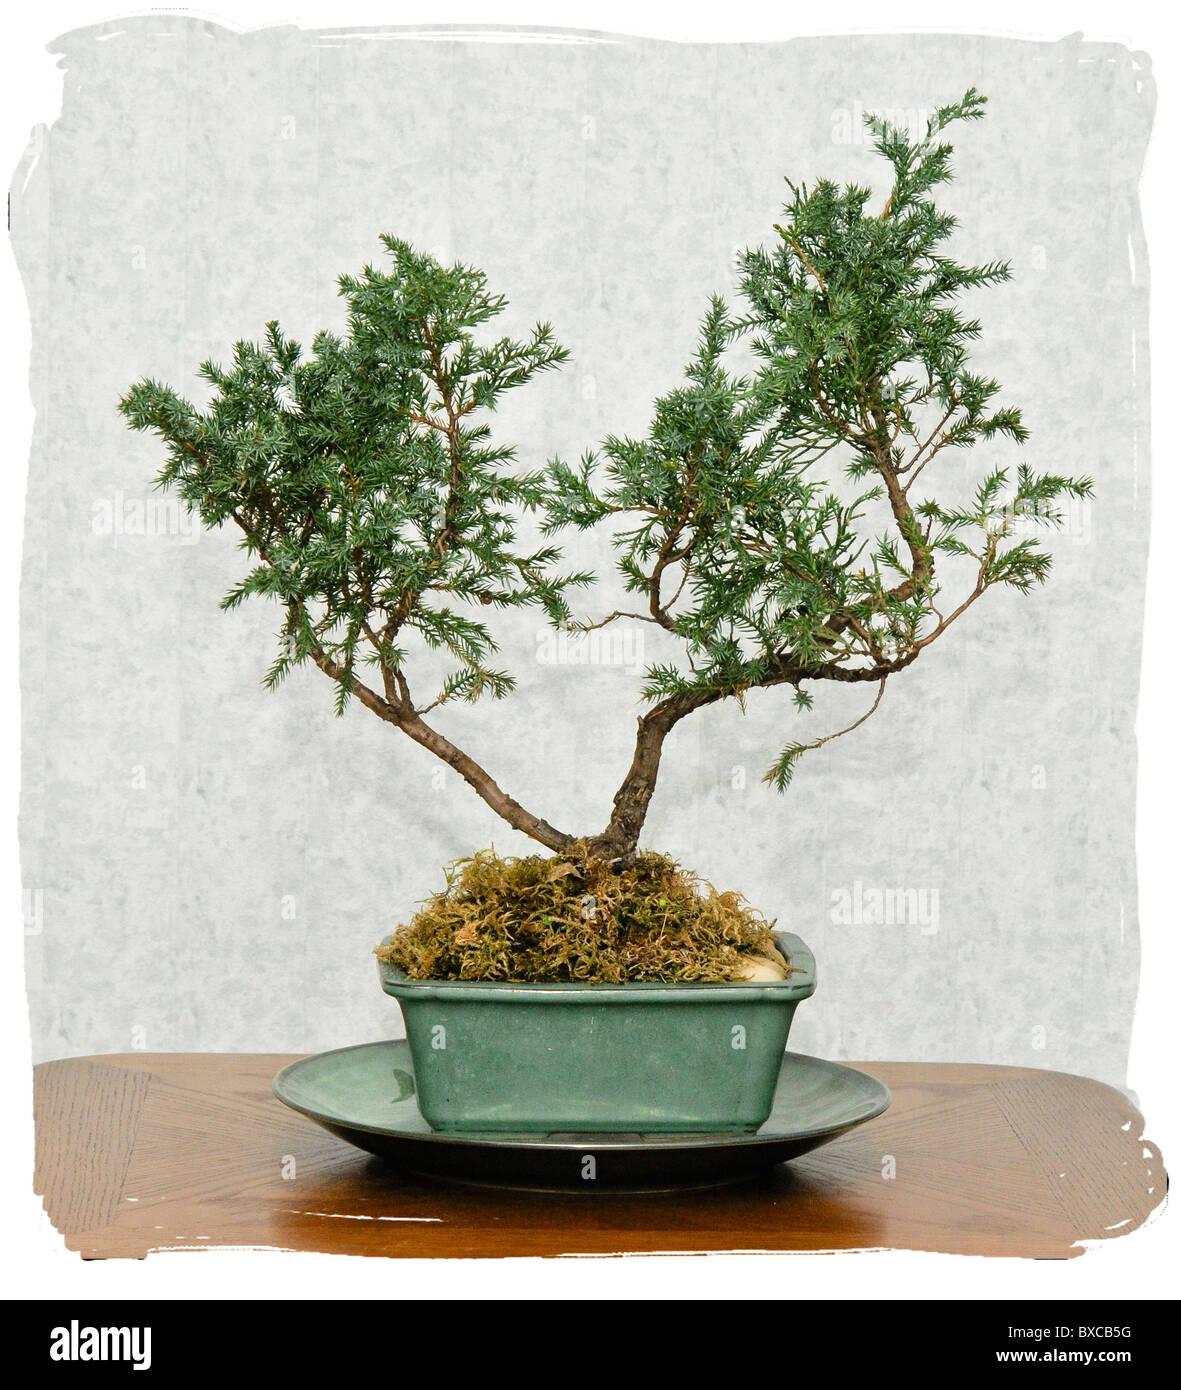 Bonsai Baum, Skizze für Interior Design Stockfoto, Bild: 33463628 ...